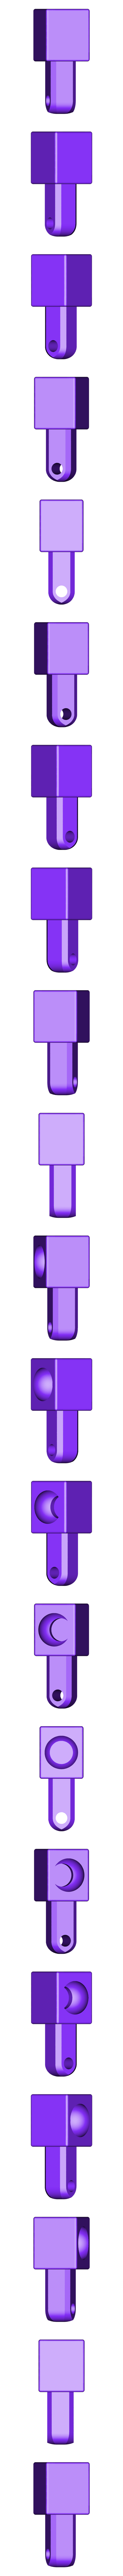 Shoulder-Right-Red.stl Télécharger fichier STL gratuit Big Optimus Prime! - Modèle multi-matériaux • Plan pour imprimante 3D, ChaosCoreTech